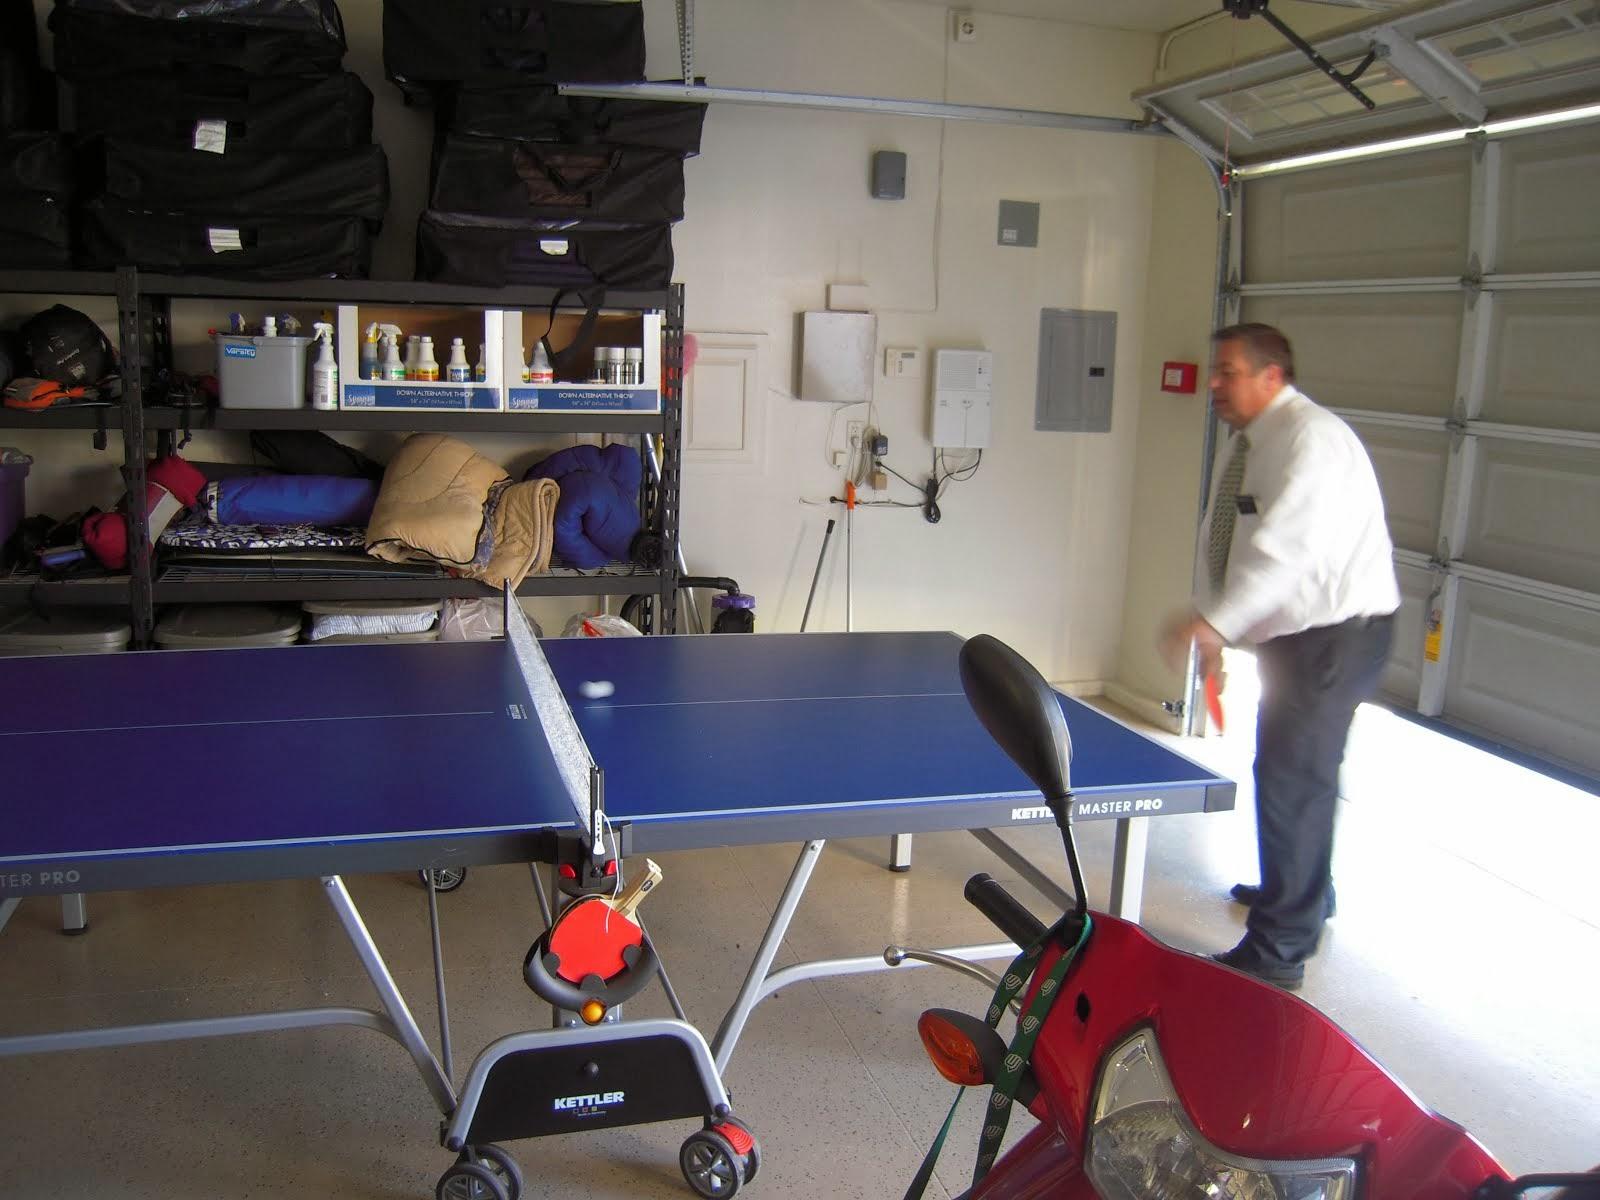 President Van Cott Playing Ping Pong